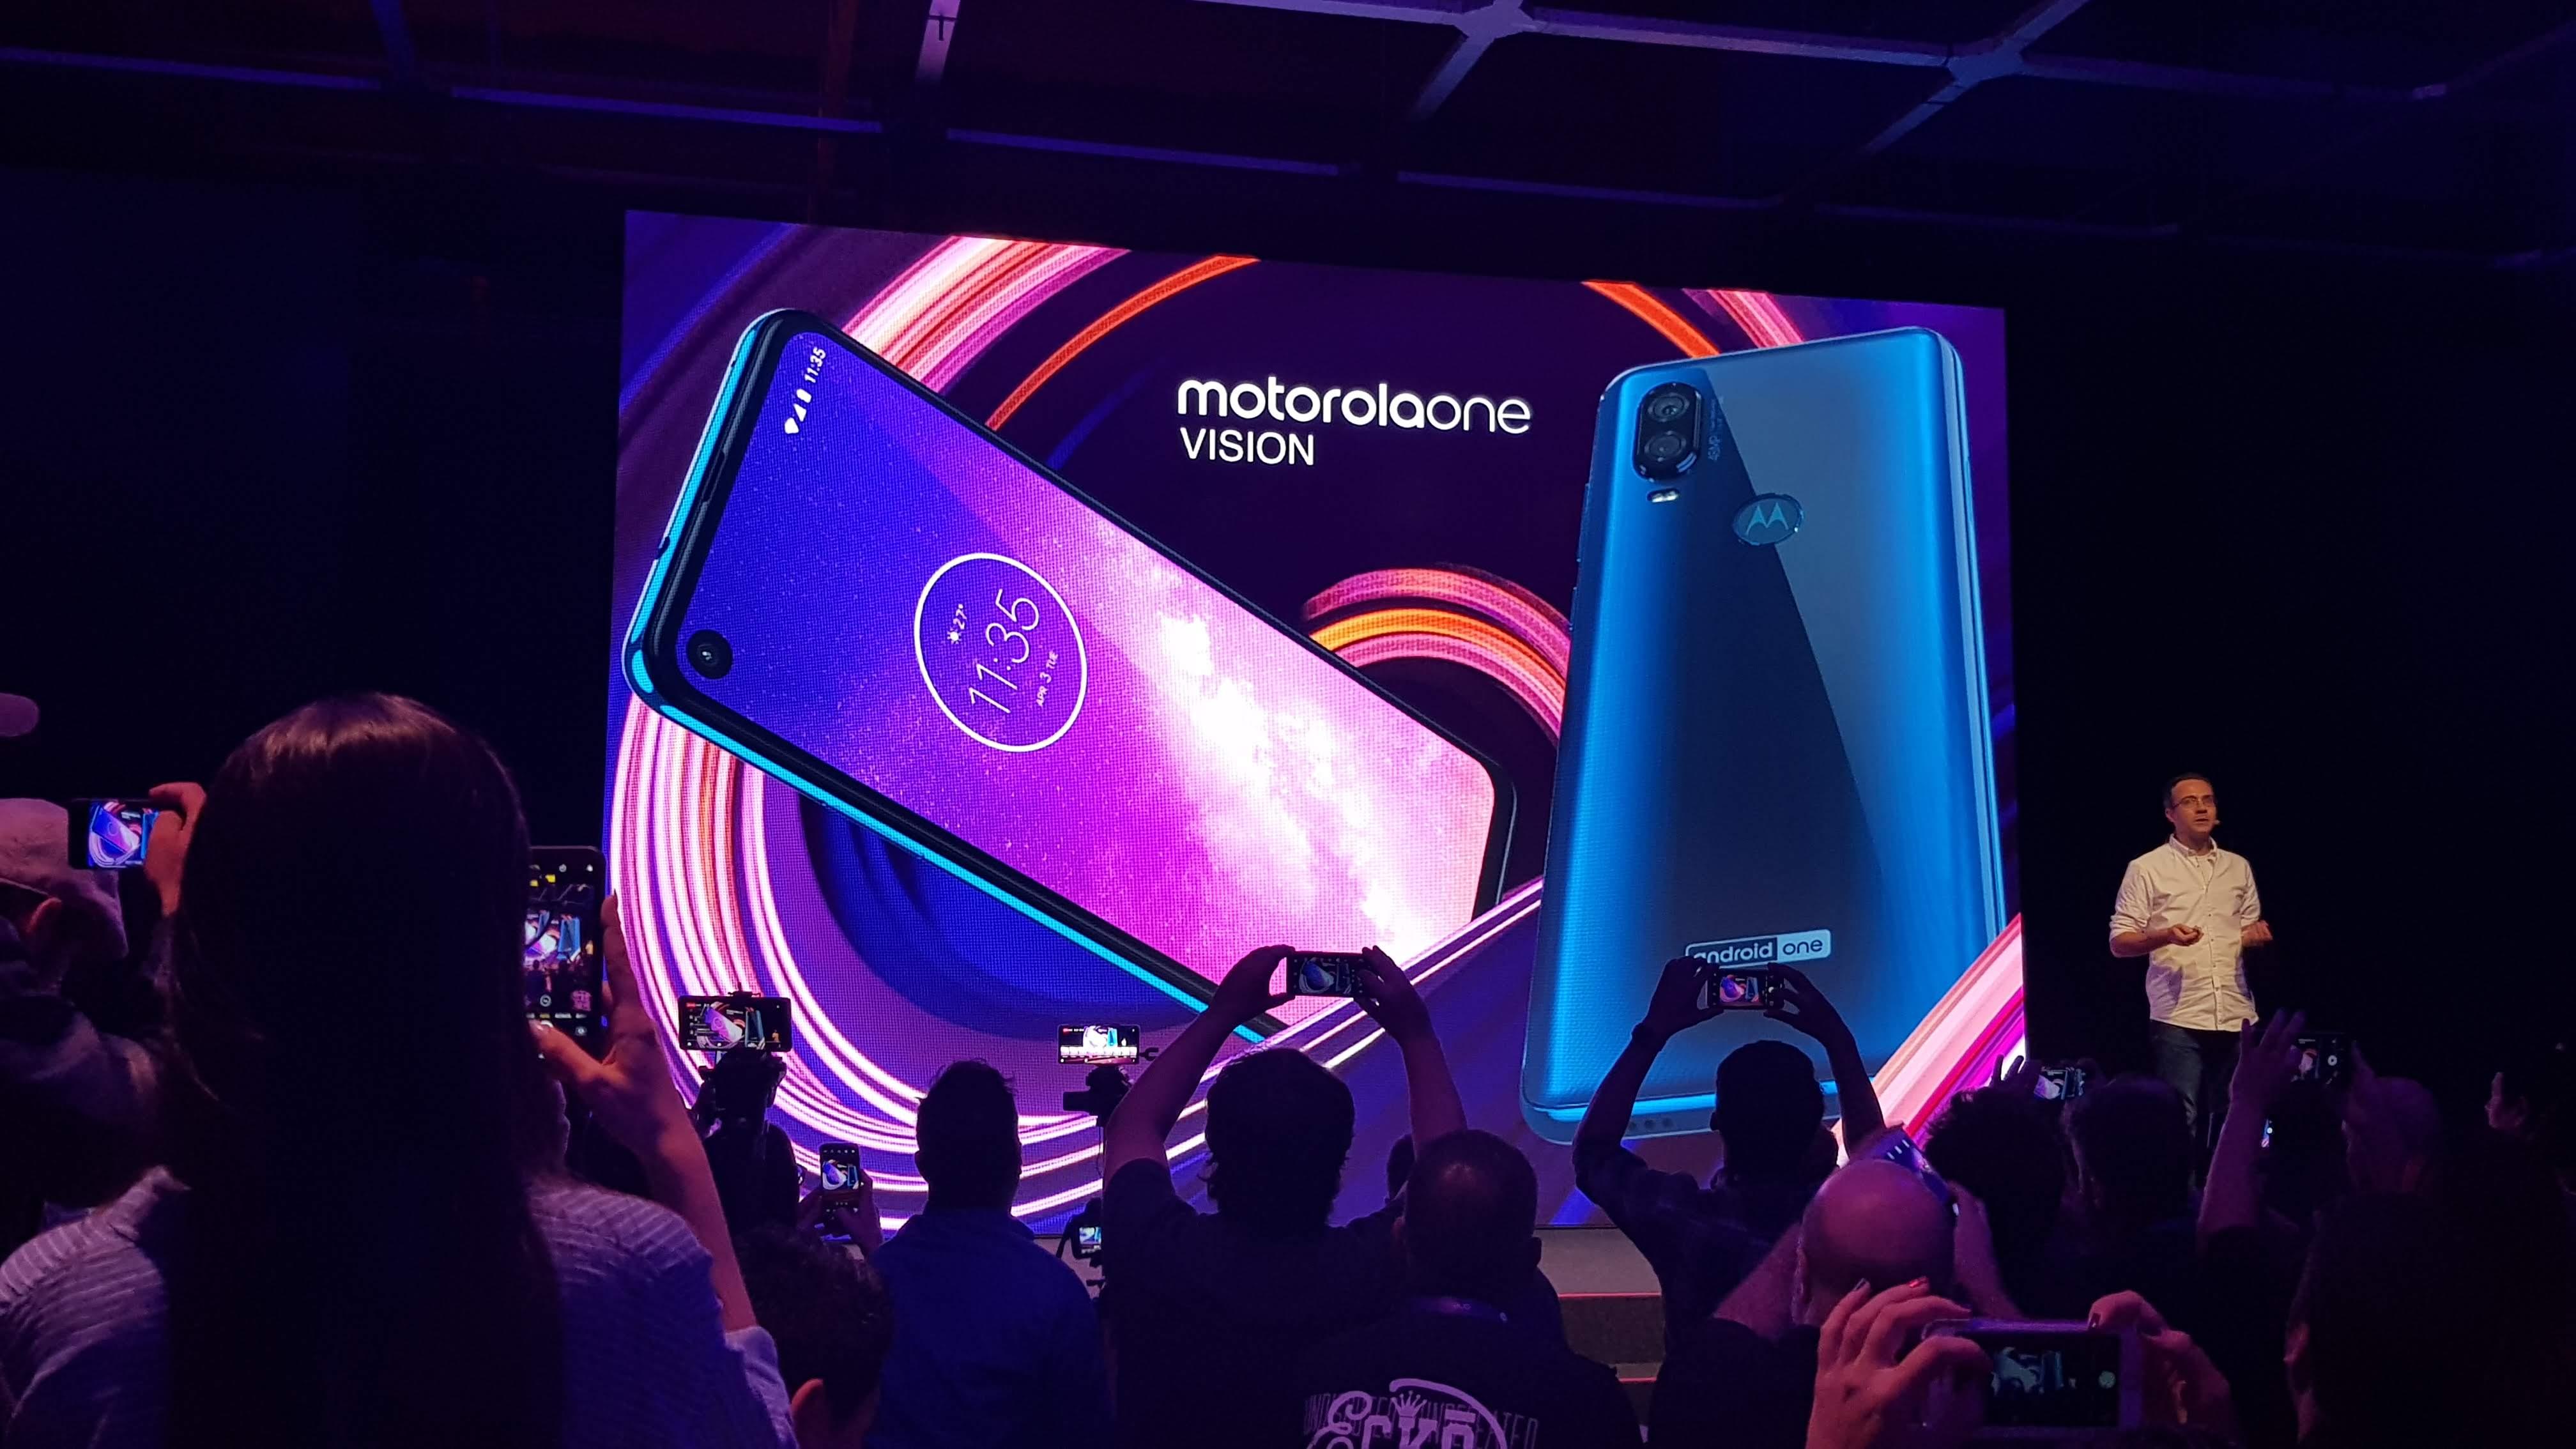 Motorola One Vision | É oficialmente lançado no Brasil com tela Cinema Vision Full HD+ 21:9